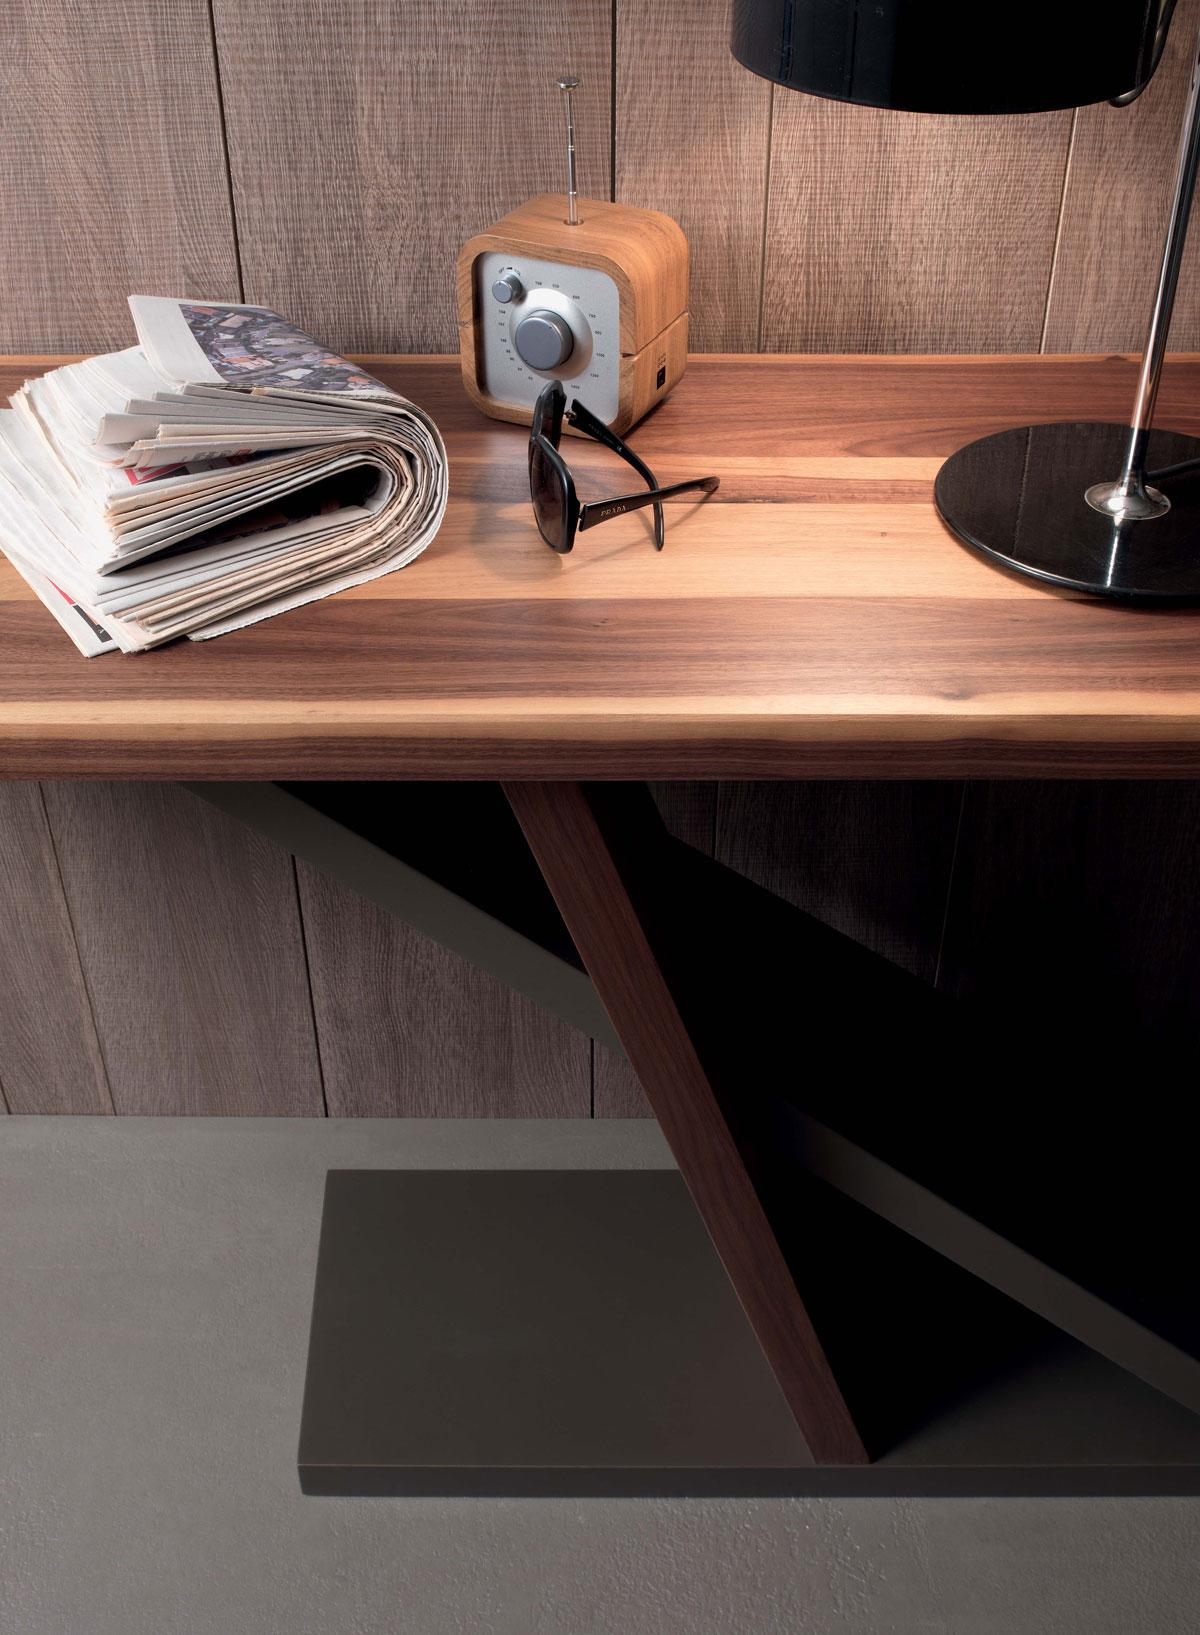 arredamento casa / ufficio on line moderno di lusso 2015 design web made in italy consolle rettangolare noce canaletto metallo contemporaneo